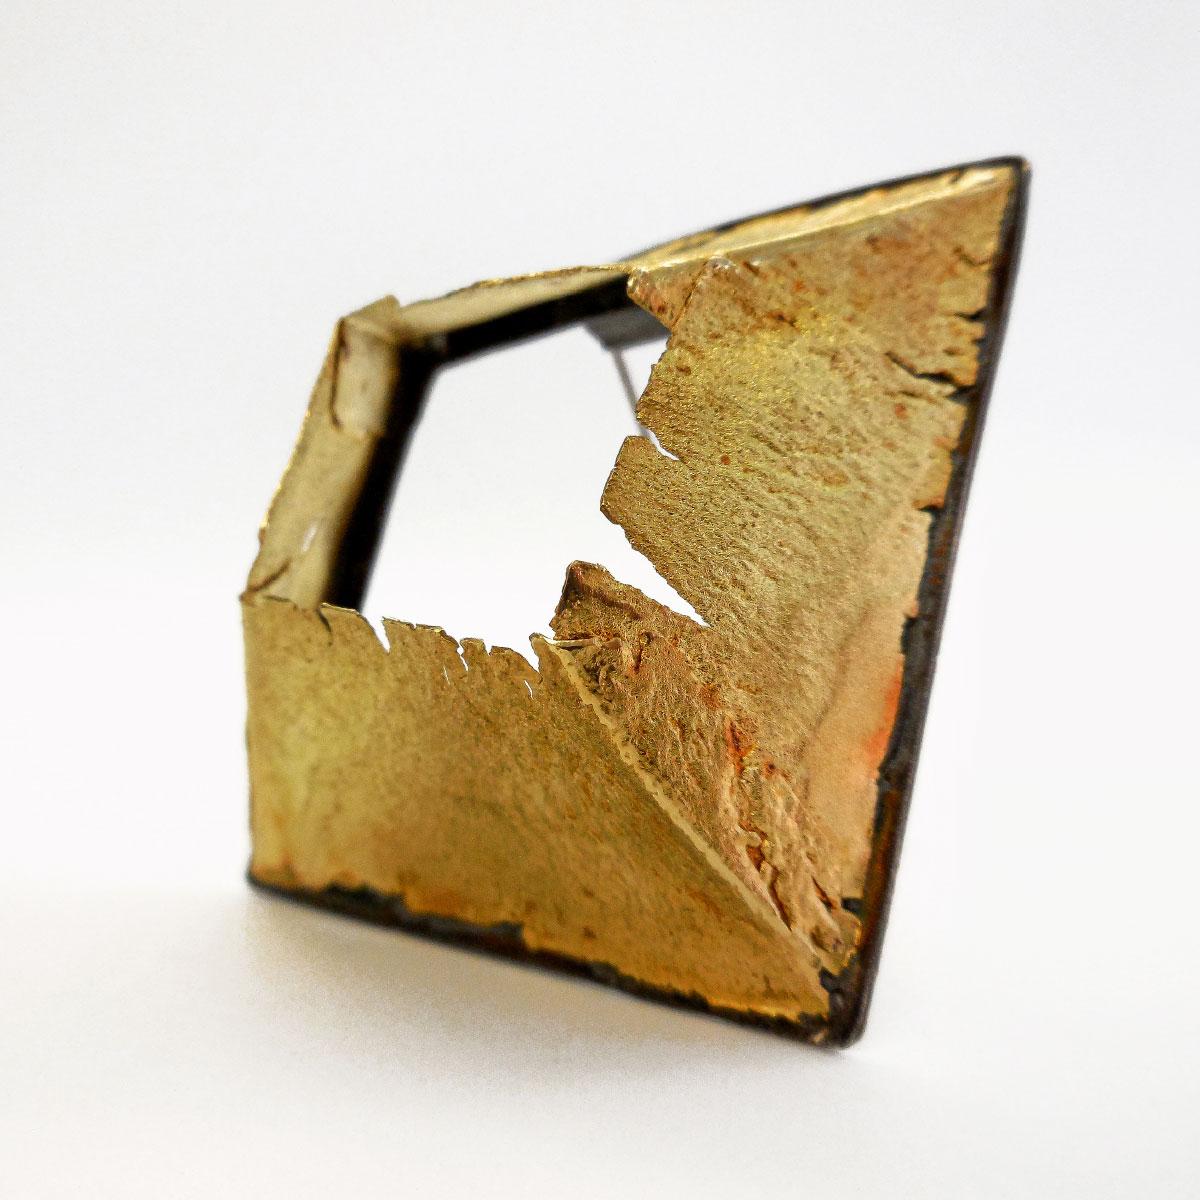 Giorgio Chiarcos brooch mura gold 18kt silver 925 with patina Italiano Plurale